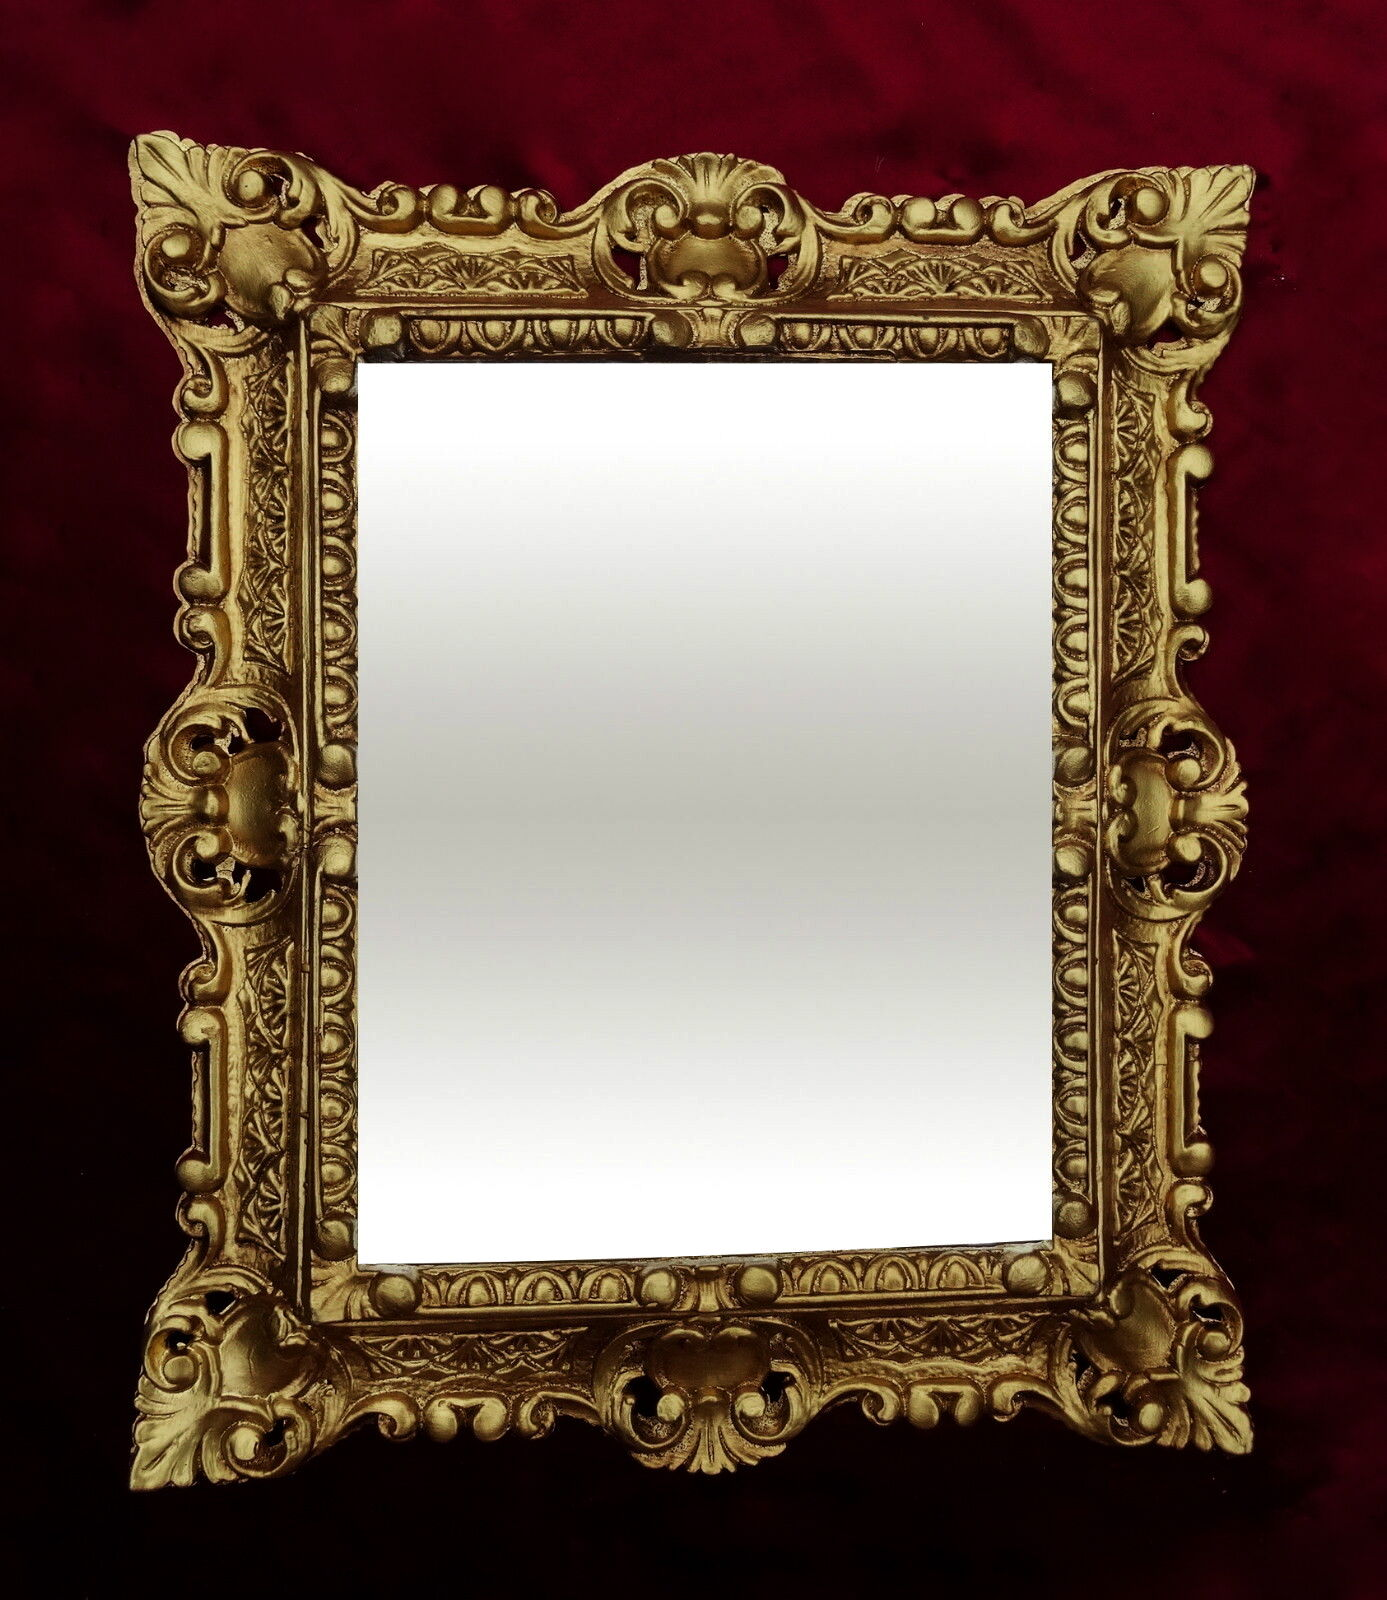 bilderrahmen vintage shabby chic barock gold fotorahmen jugendstil 44x38. Black Bedroom Furniture Sets. Home Design Ideas